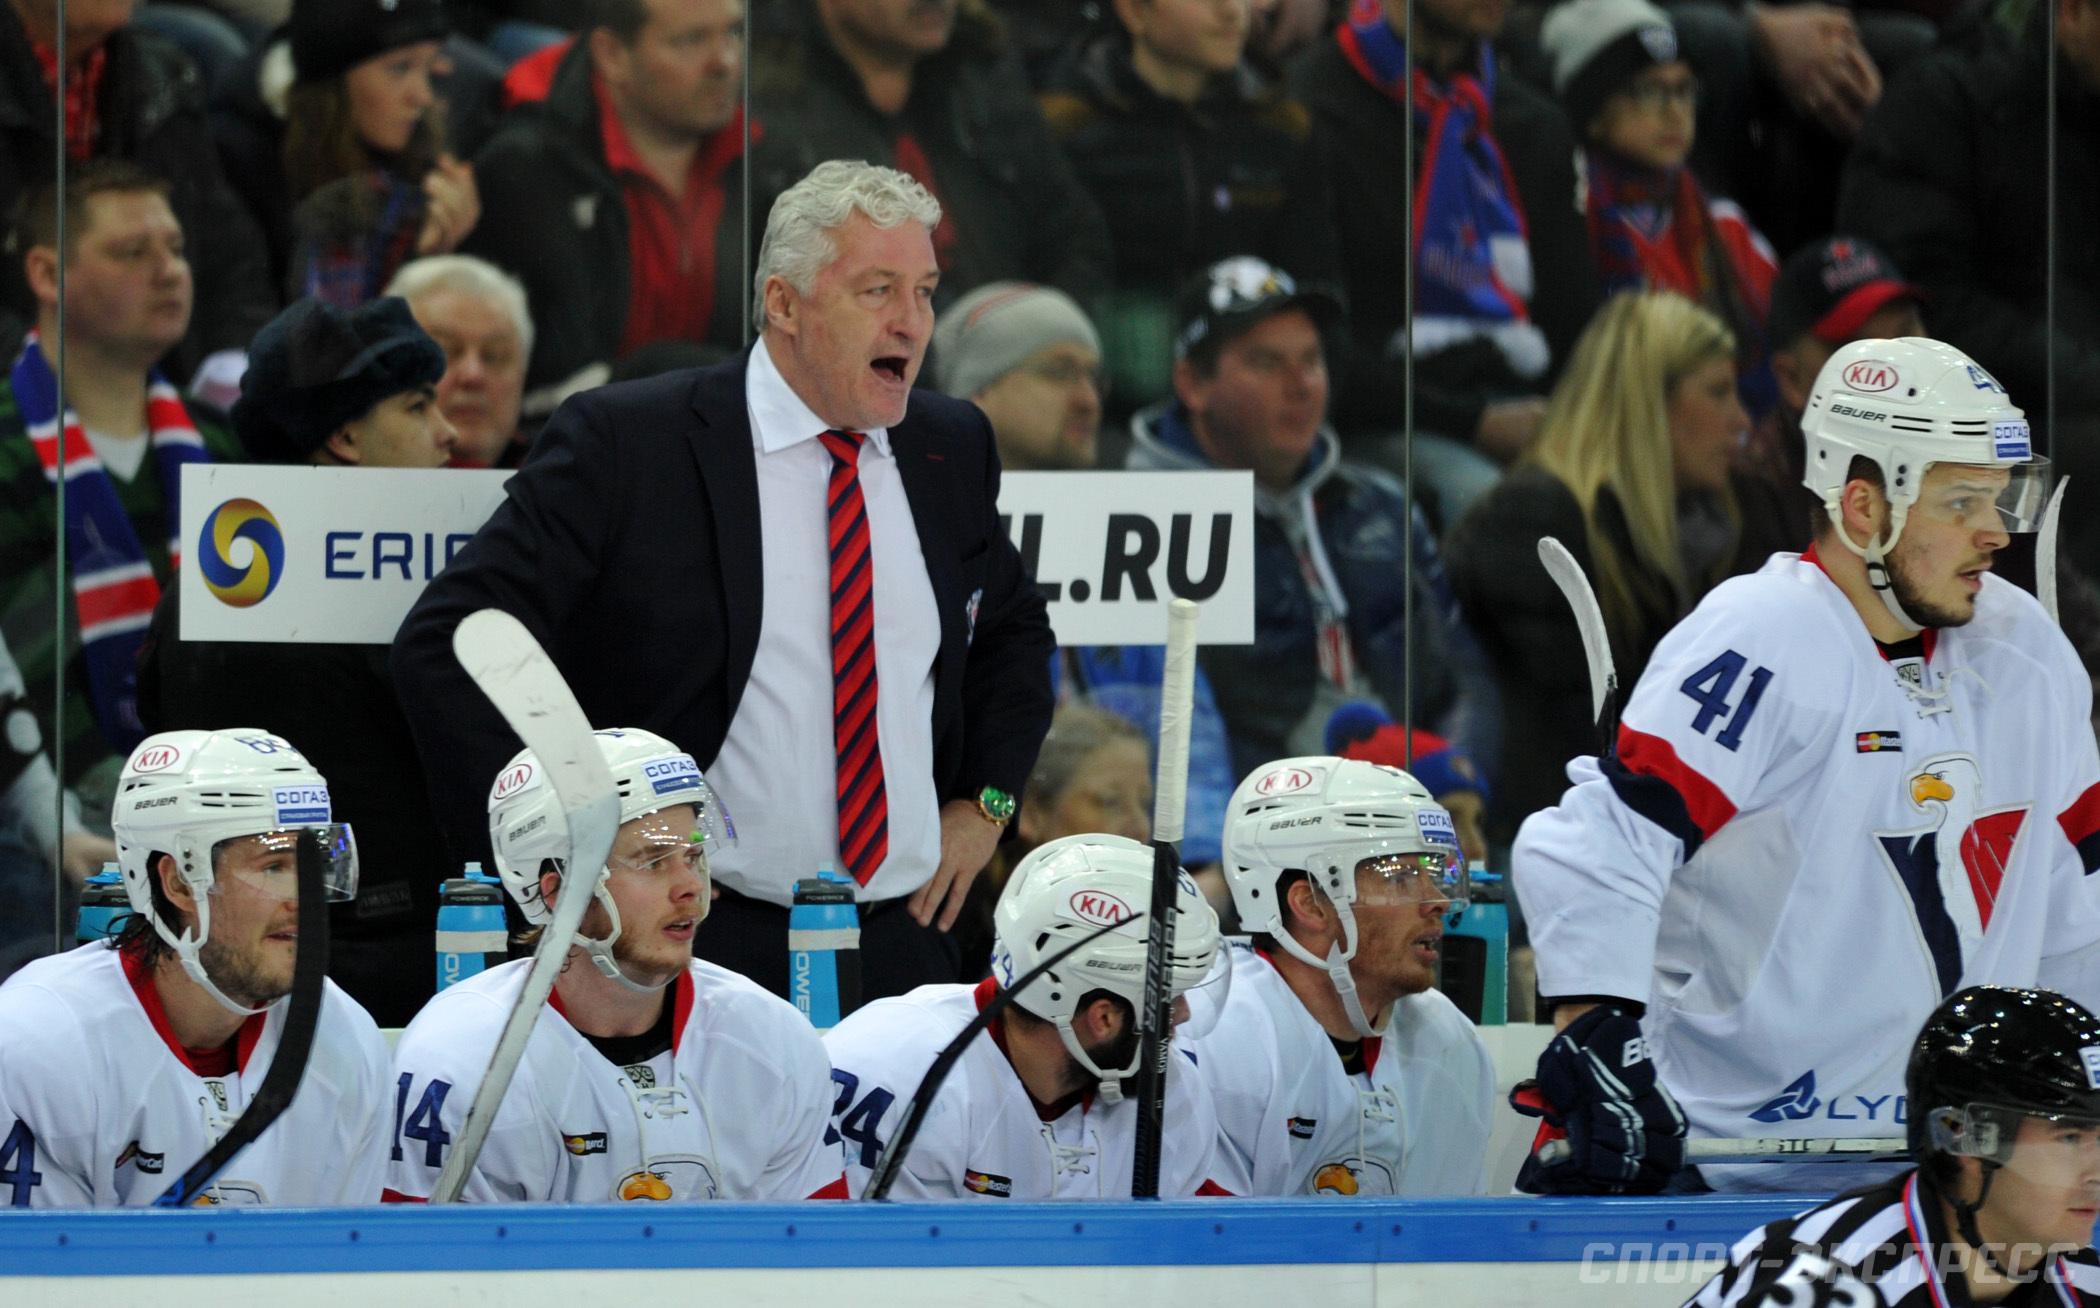 Главный тренер Слована Милош Ржига: Если вы настроитесь только на СКА, а потом проиграете десять матчей — кому это нужно Хоккей. КХЛ